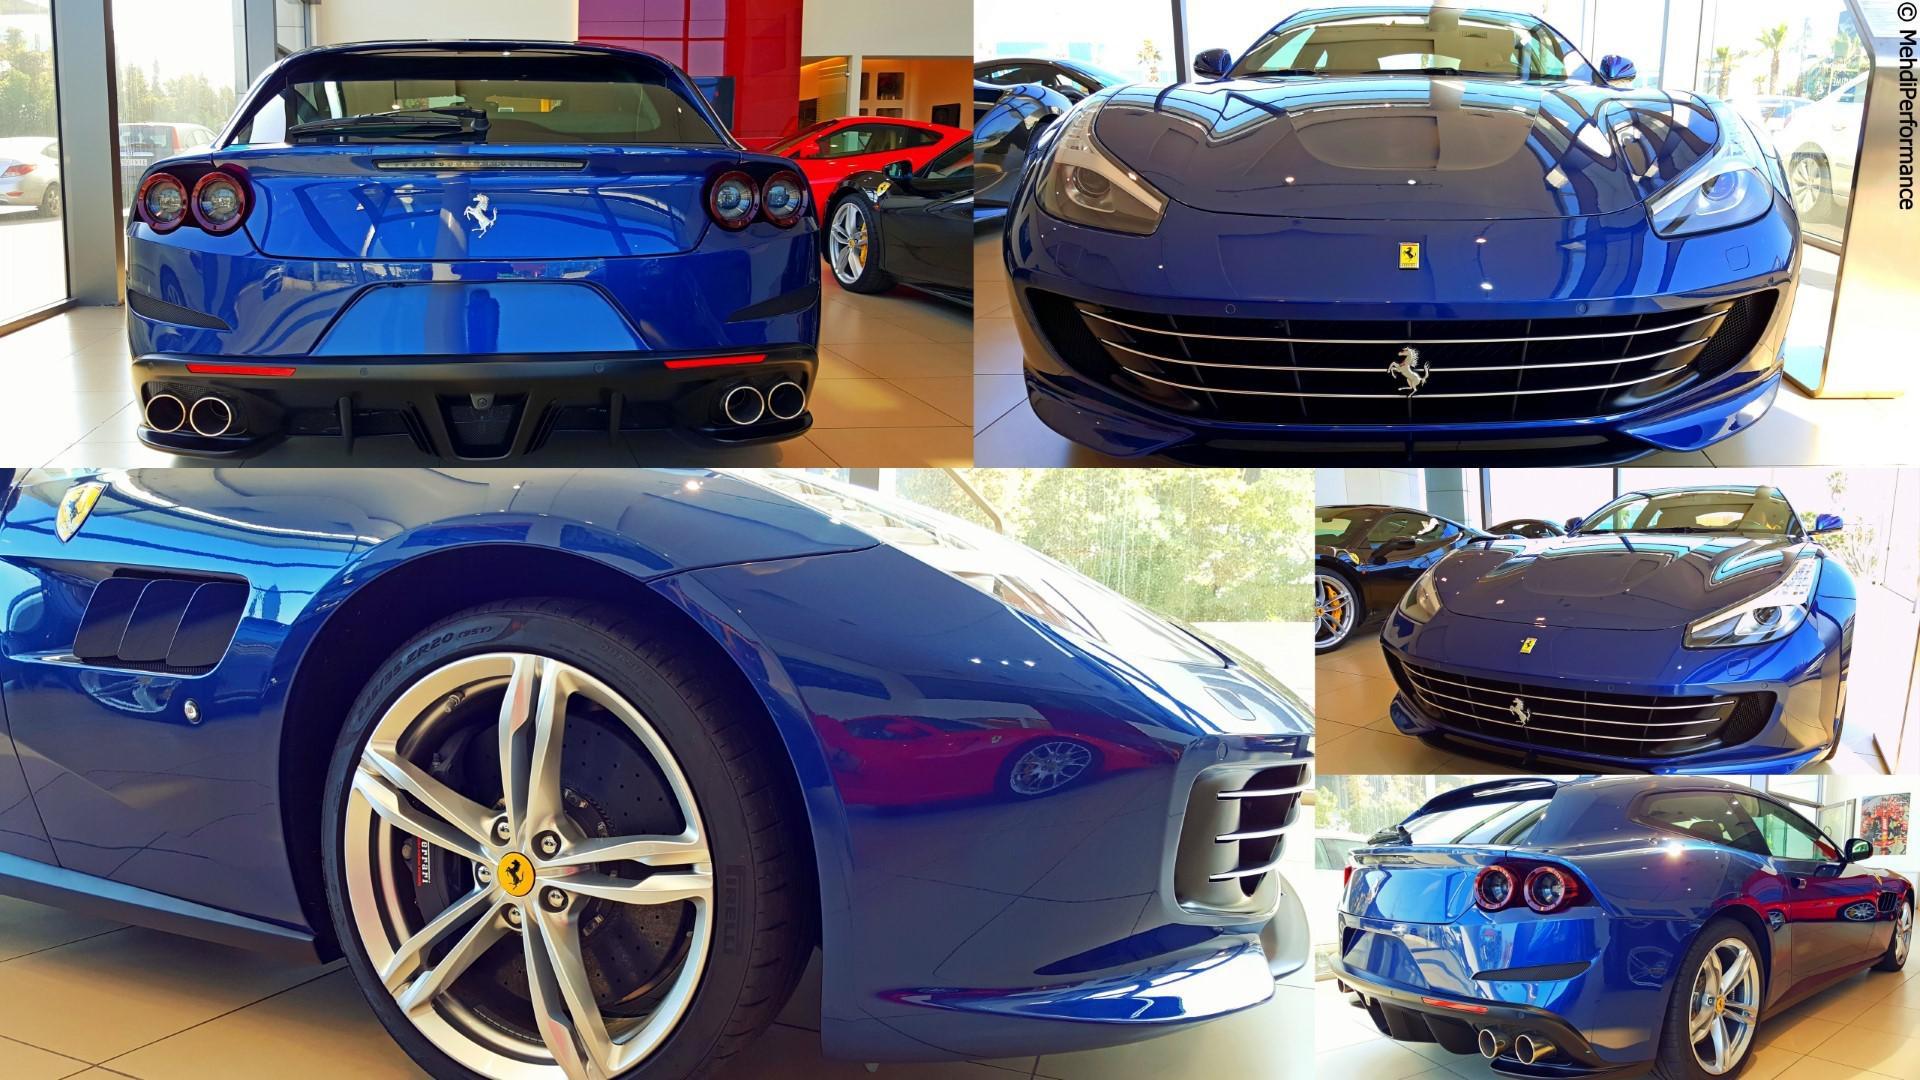 voiture-de-sport-le-top-5-des-voitures-qui-consomment-beaucoup-d-essence-804-5.jpg